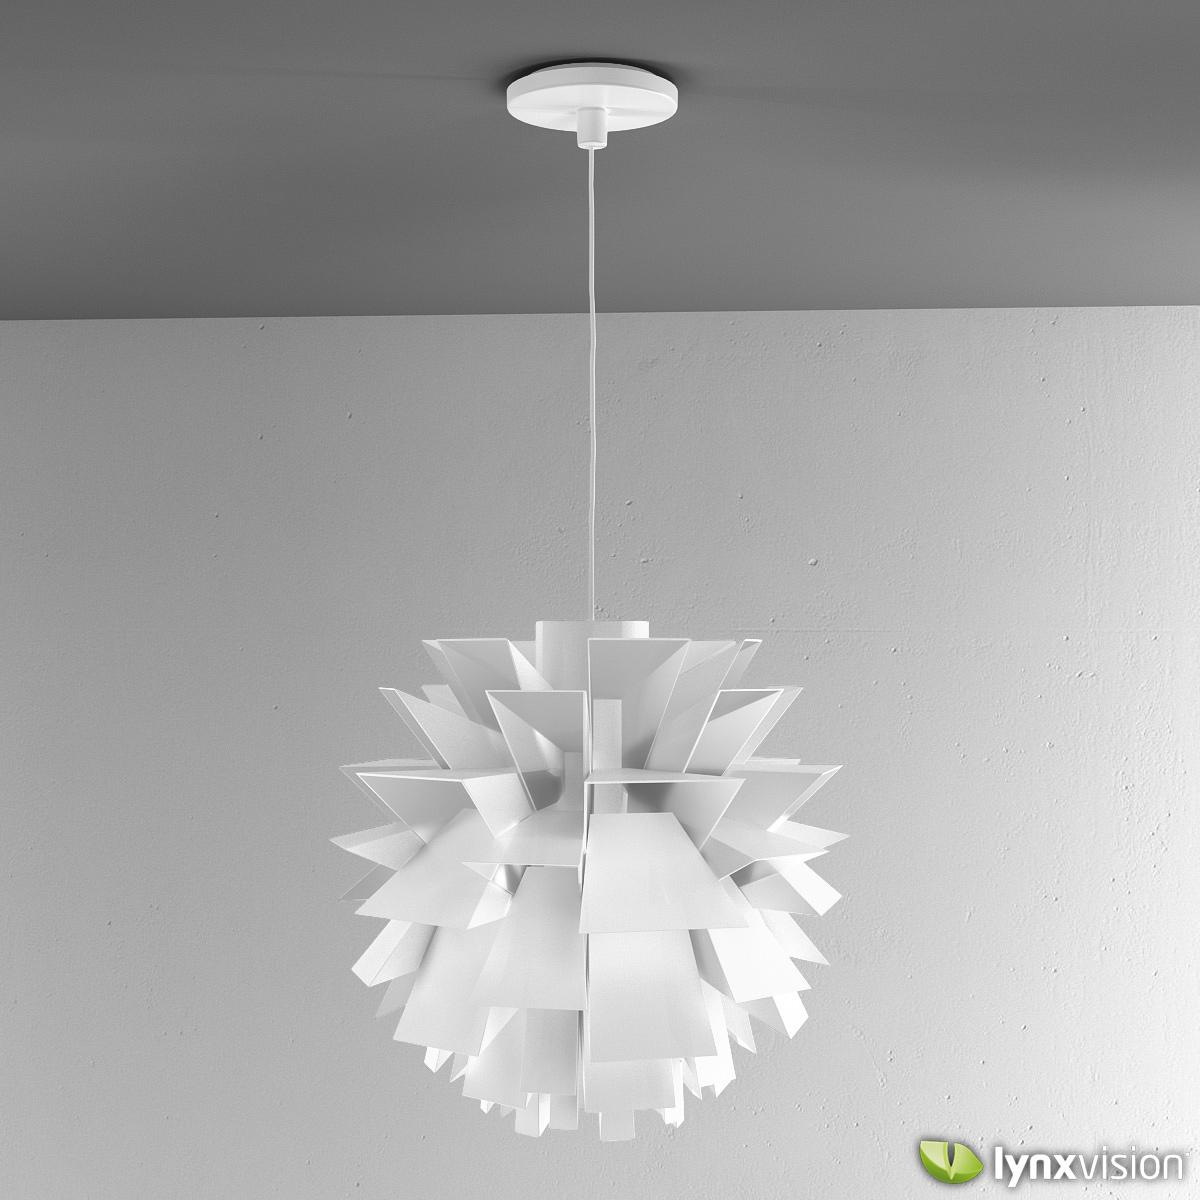 3d model norm 69 pendant lamp cgtrader norm 69 pendant lamp 3d model max obj fbx mtl 2 aloadofball Images